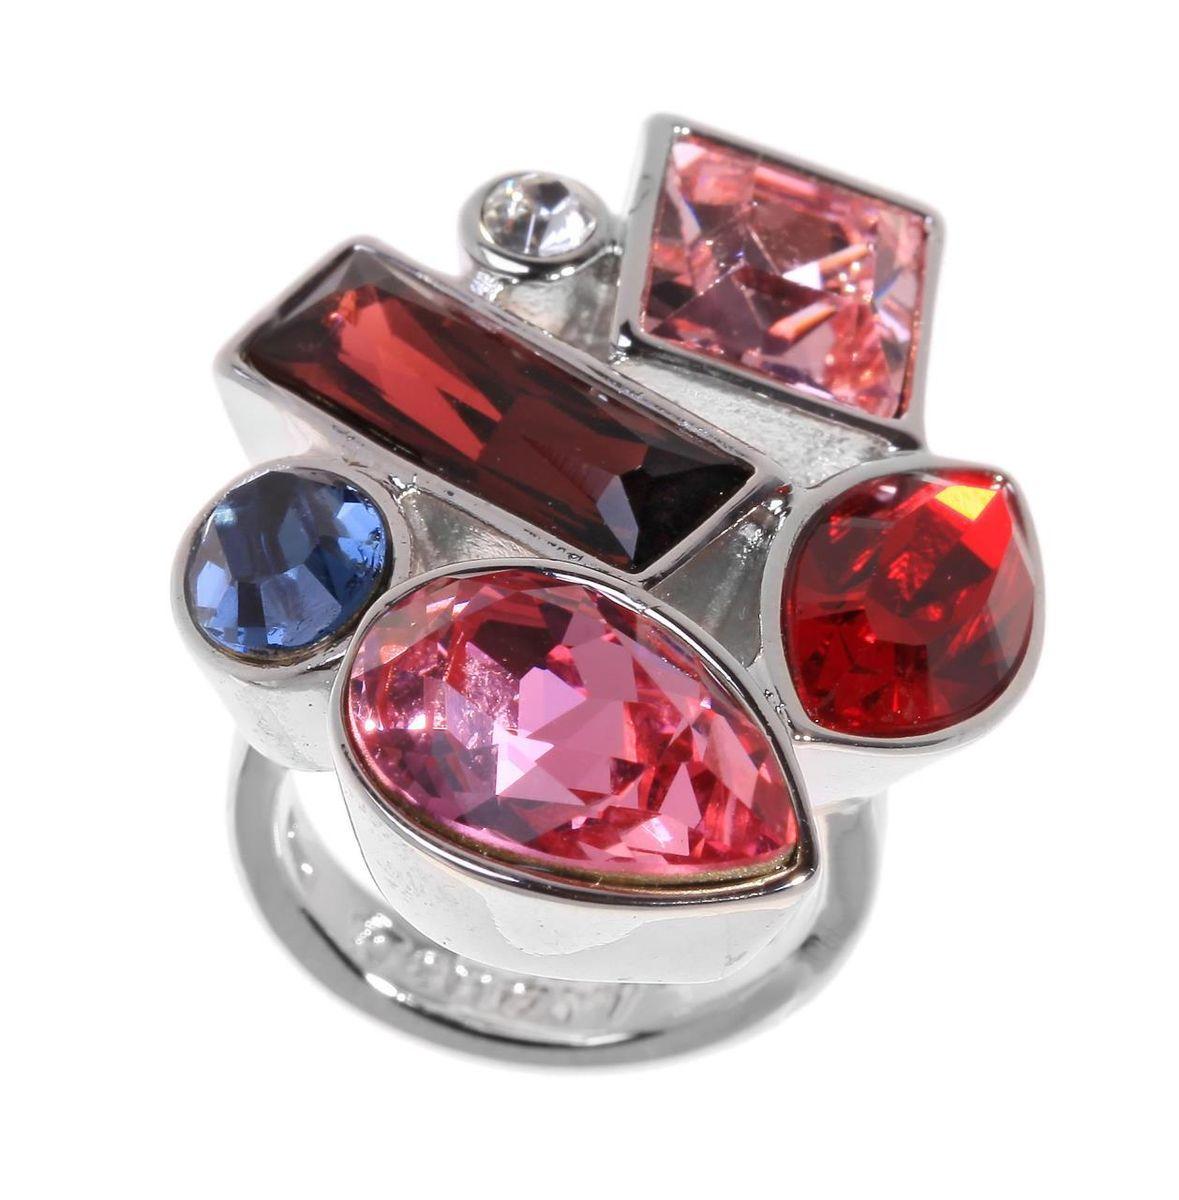 Кольцо Jenavi Коллекция Виктуар SW Элюар, цвет: серебряный, красный. r597f016. Размер 17r597f016Коллекция Виктуар SW, Элюар (Кольцо) гипоаллергенный ювелирный сплав,Серебрение c род. , вставка Кристаллы Swarovski , цвет - серебряный, красный, размер - 17 избегать взаимодействия с водой и химическими средствами